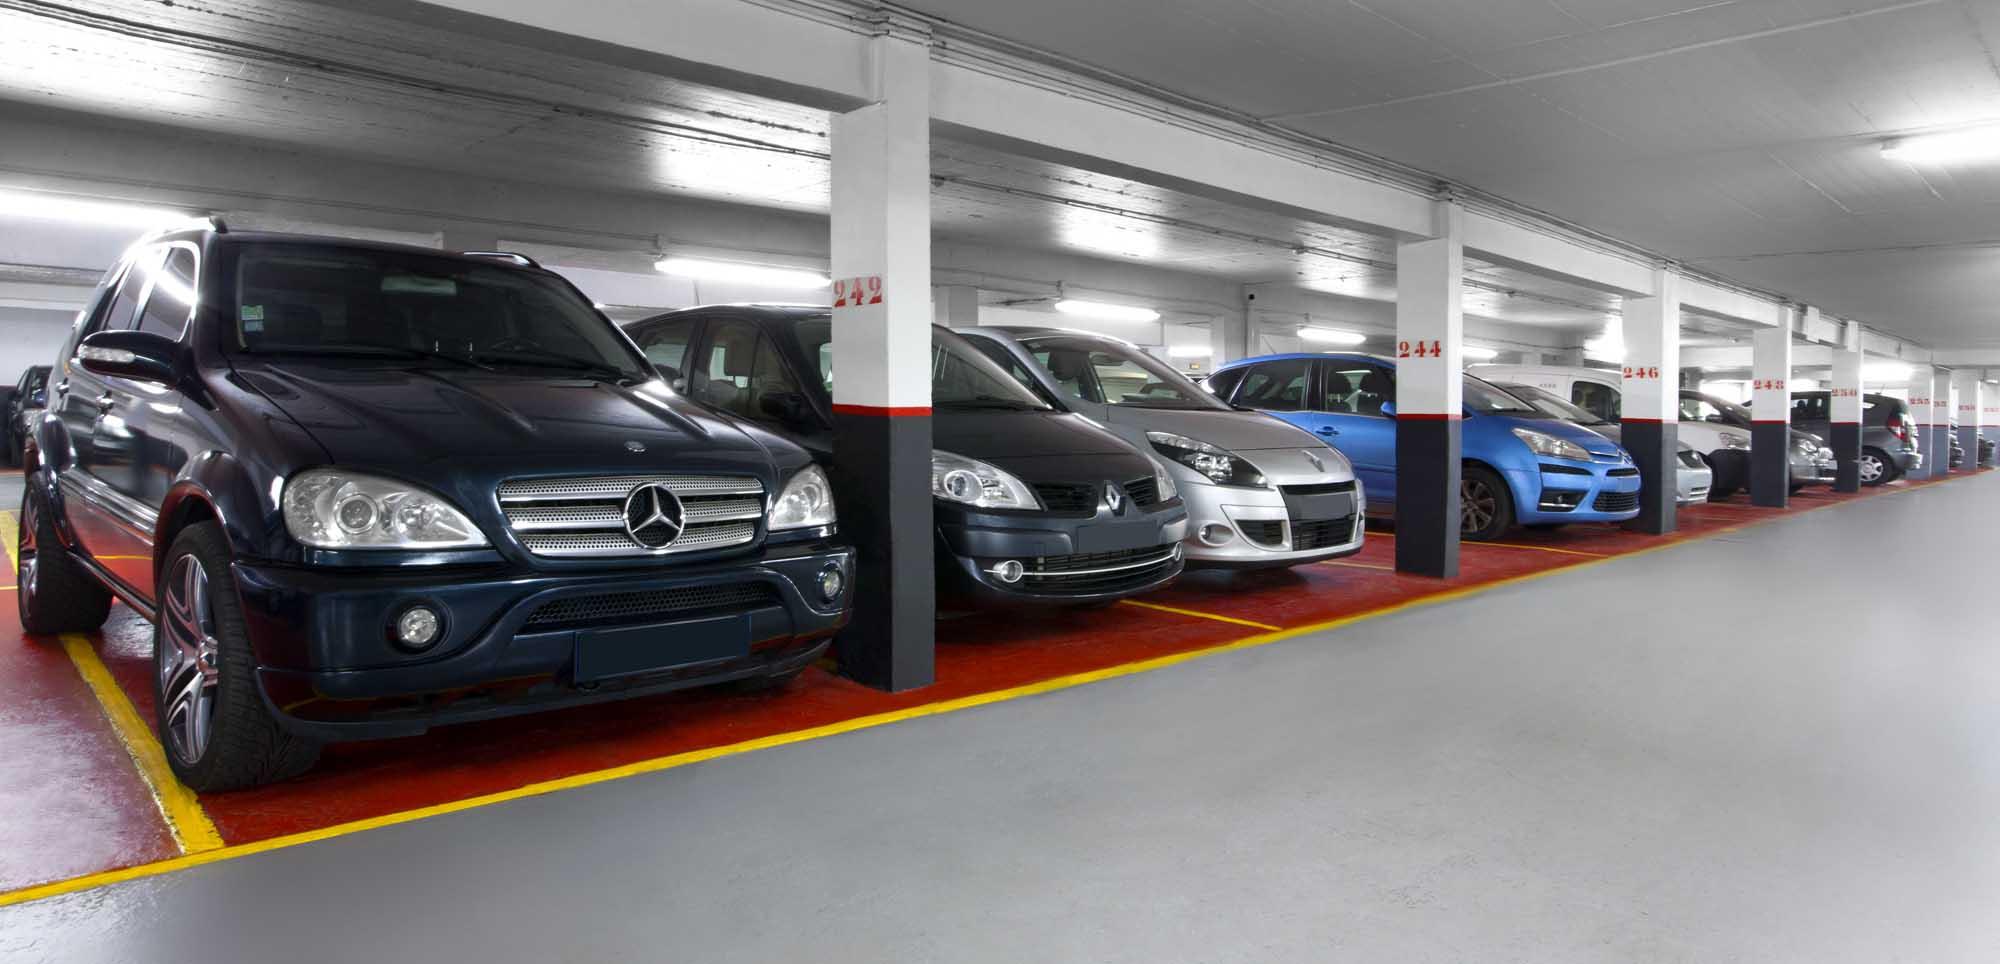 Pourquoi faut-il vraiment prendre une place de parking ?